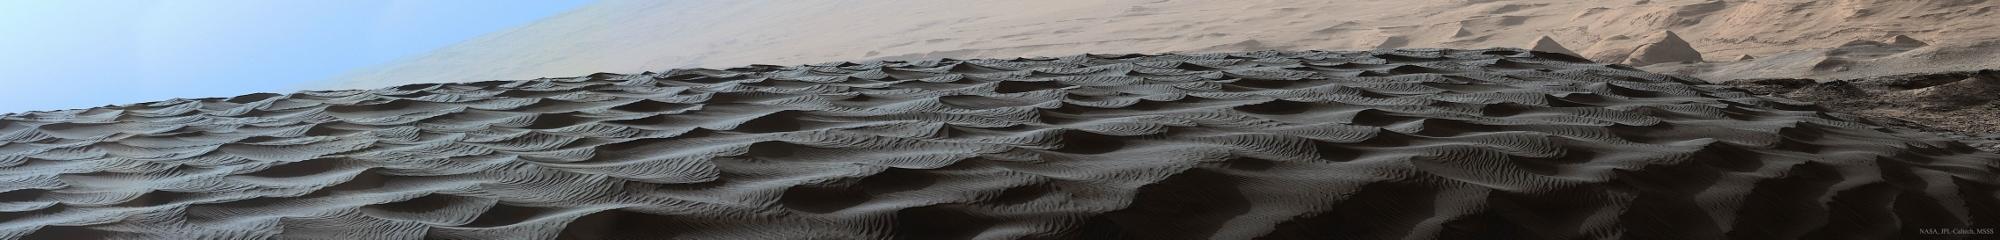 火星探査車キュリオシティが捉えた火星のナミブ砂丘の様子_d0063814_16154066.jpg